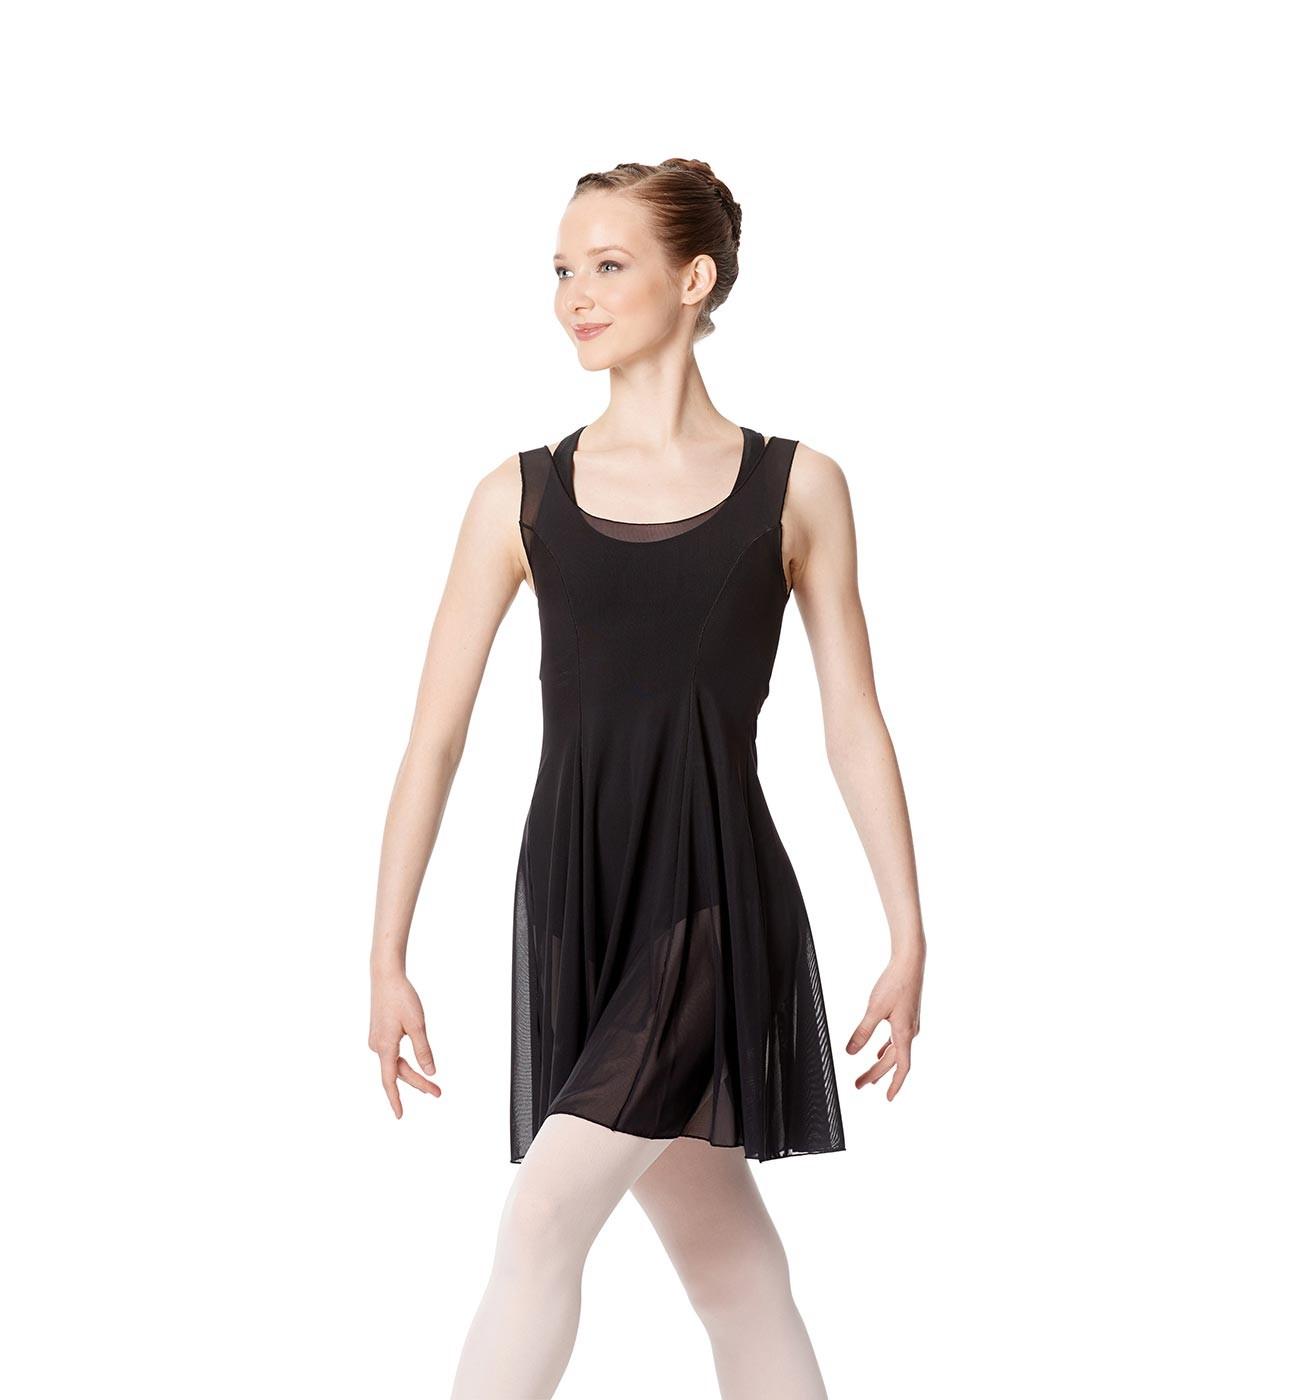 שחור שמלת בלט Kimberly של Lulli מבד רשת עדינה LUB257